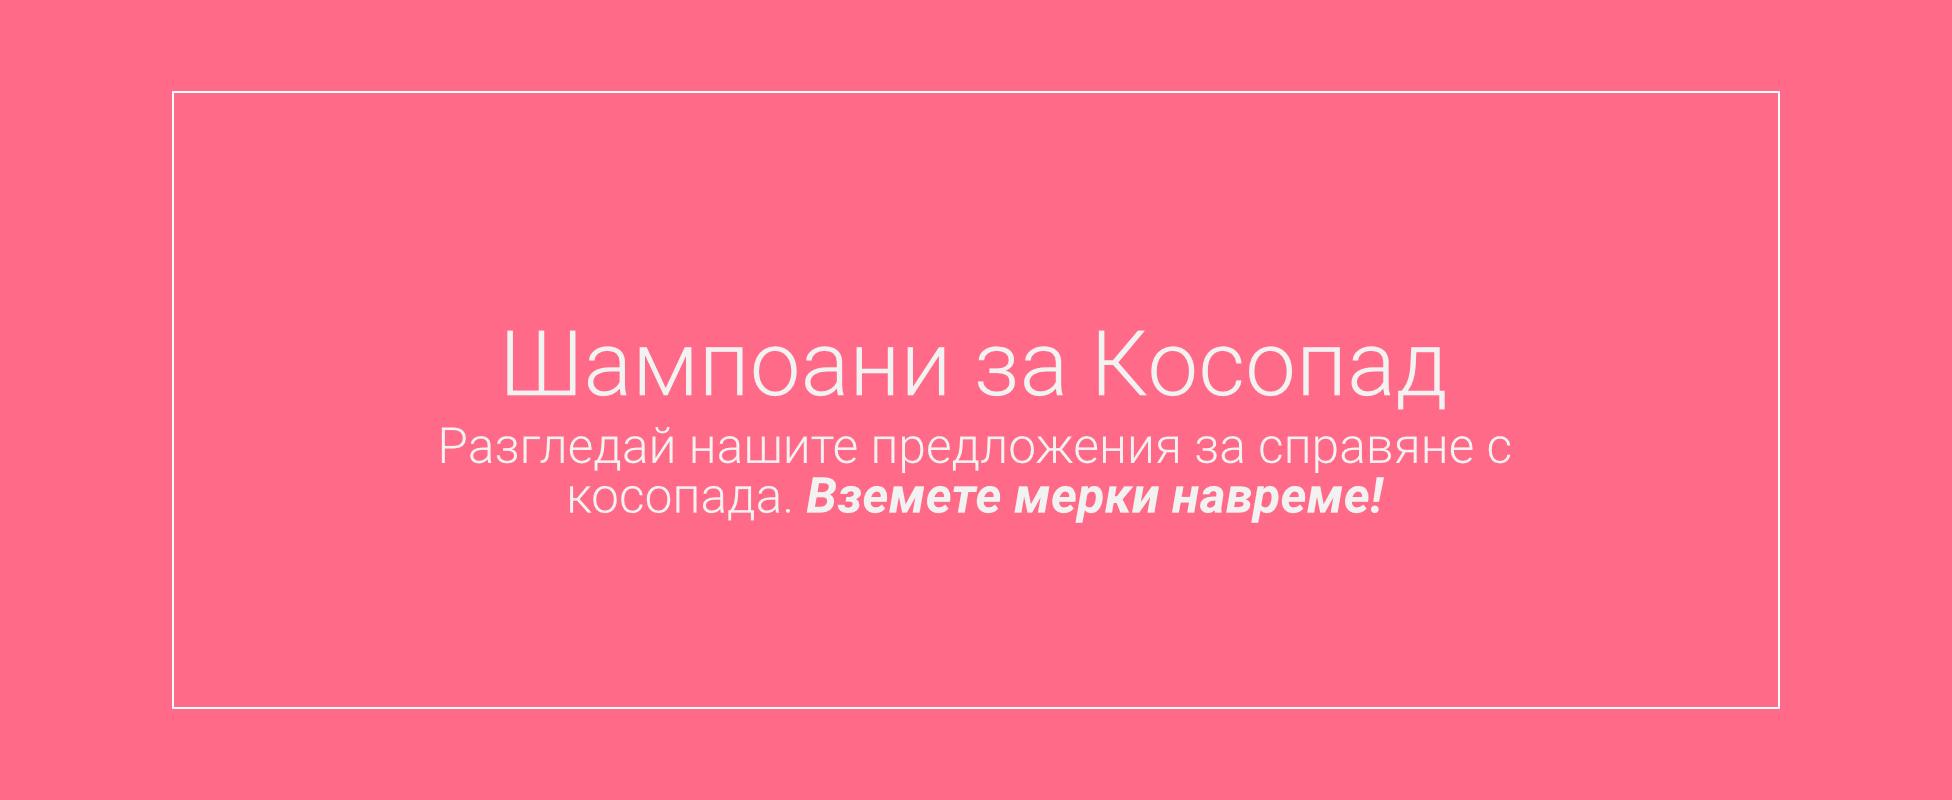 shampoani-protiv-kosopad